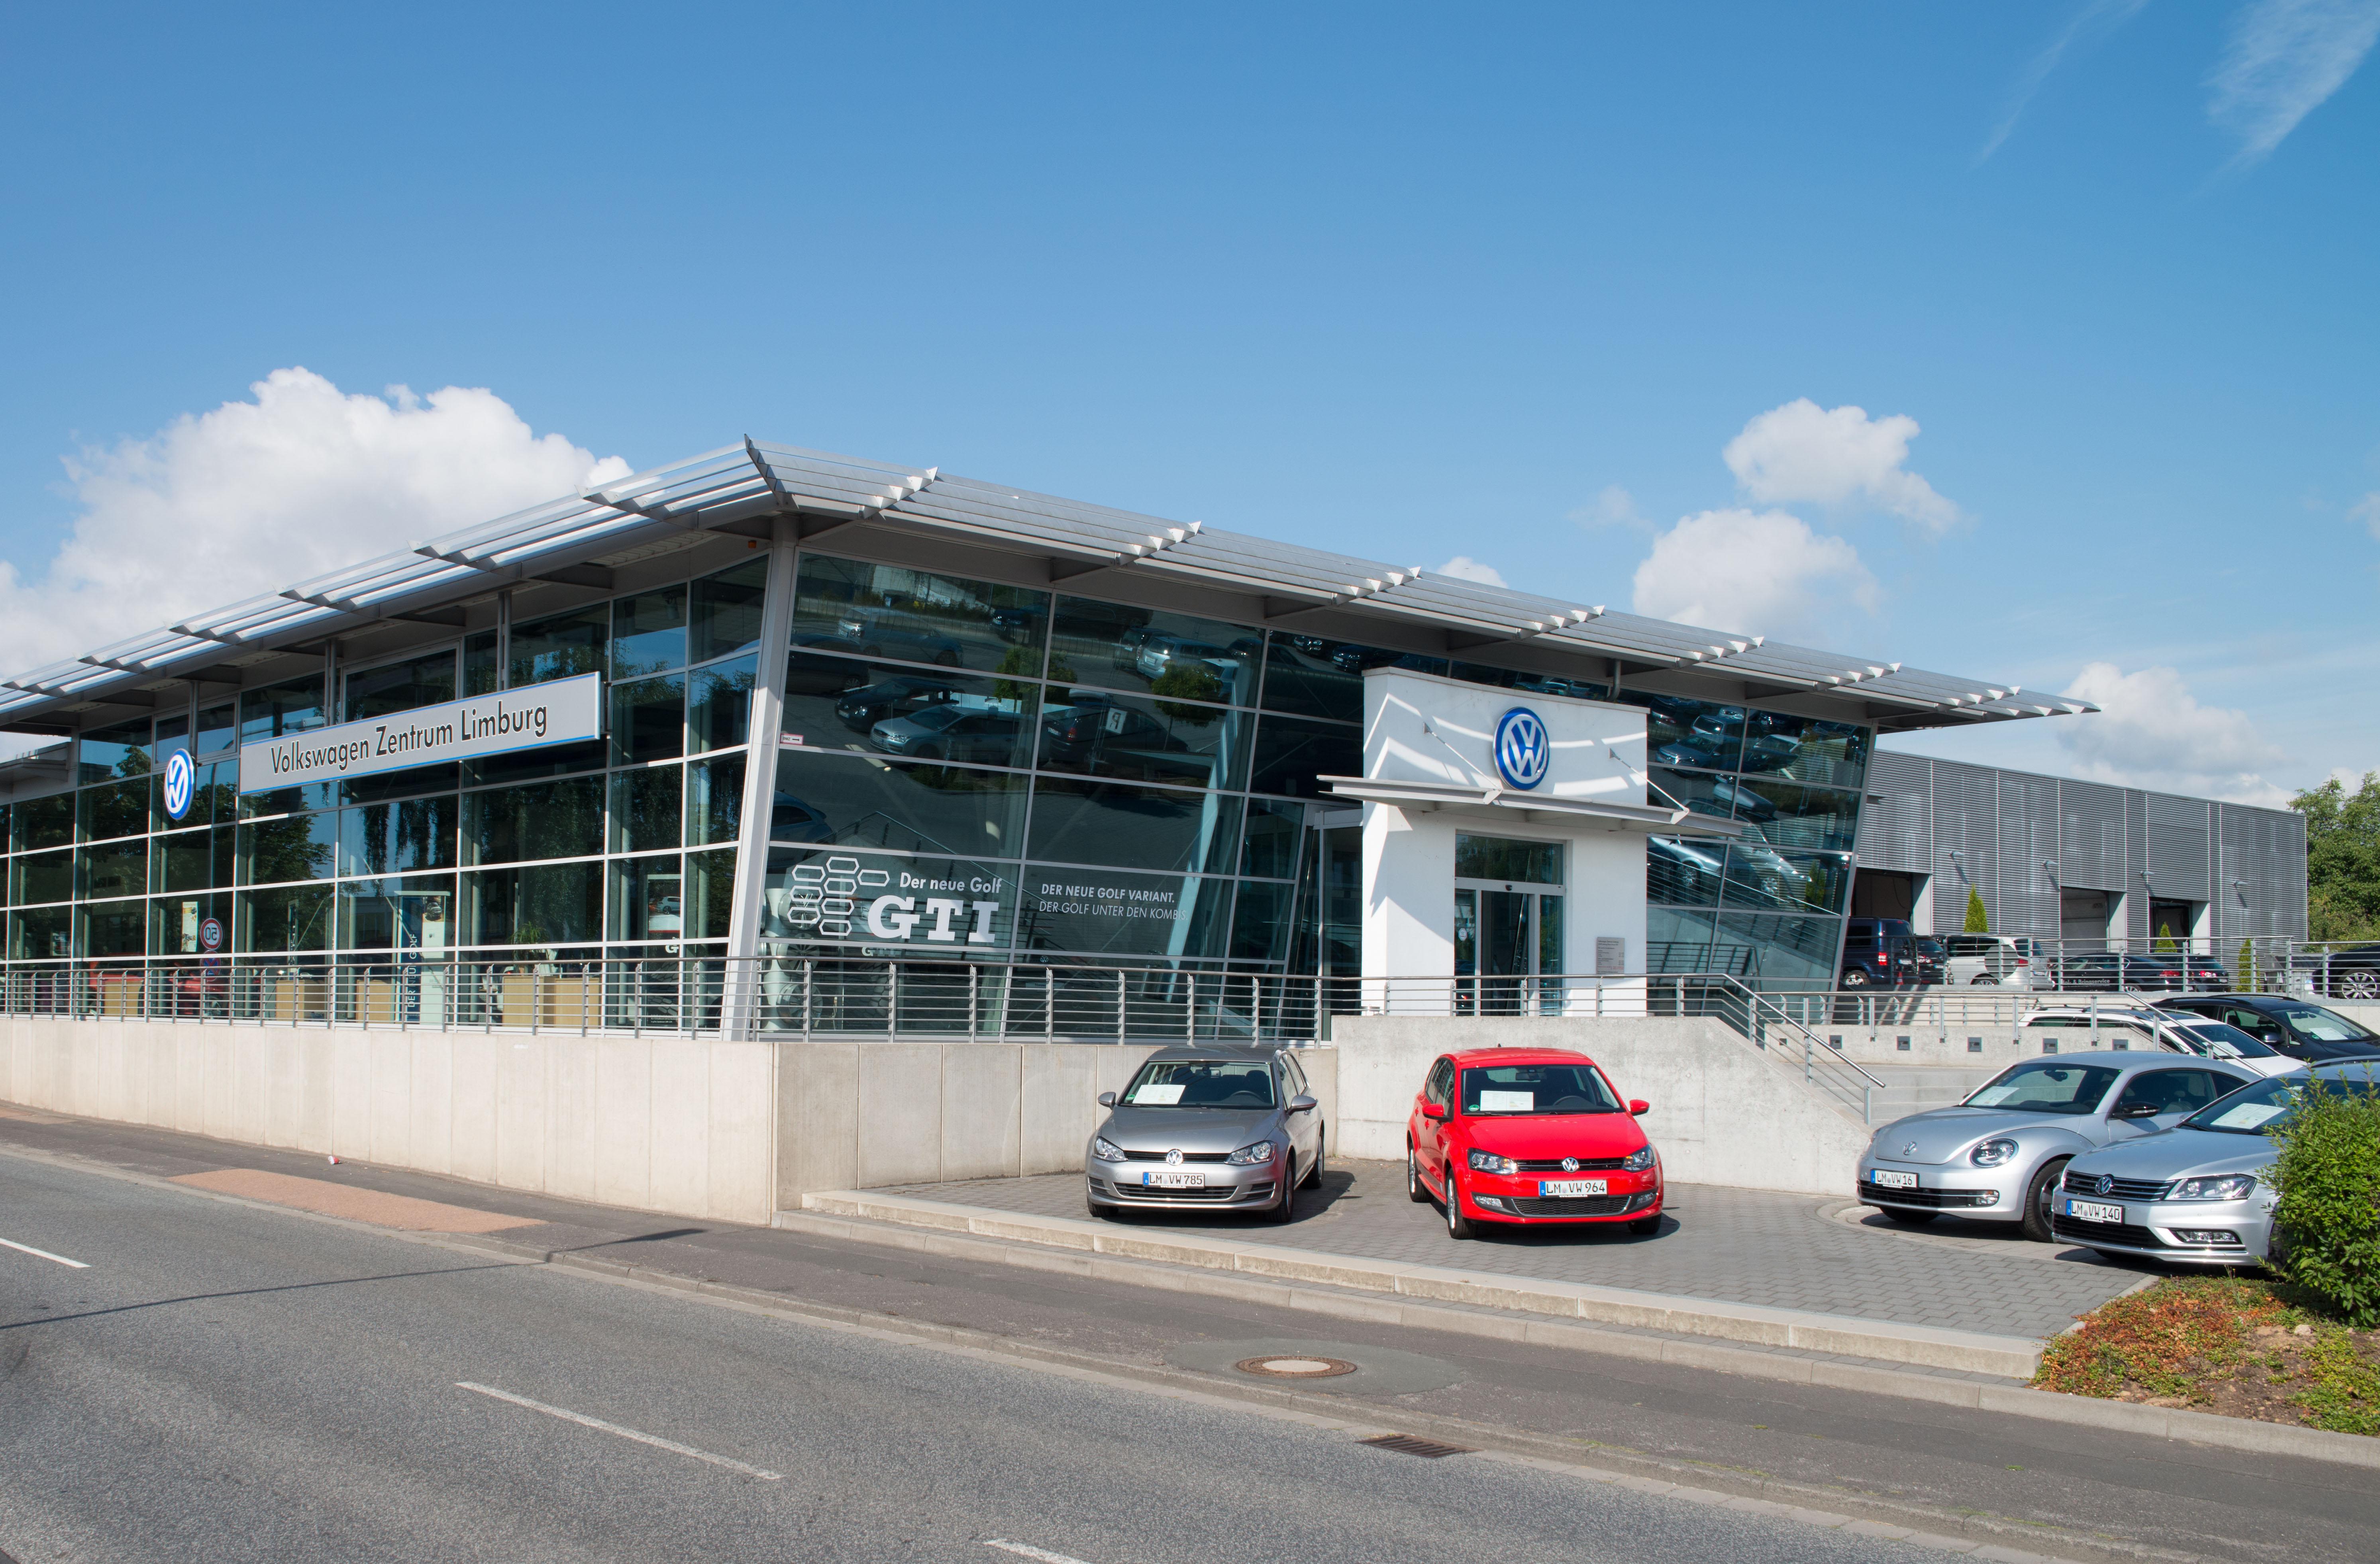 Volkswagen Zentrum Limburg Auto Bach Gruppe Ihr Fahrzeug Partner